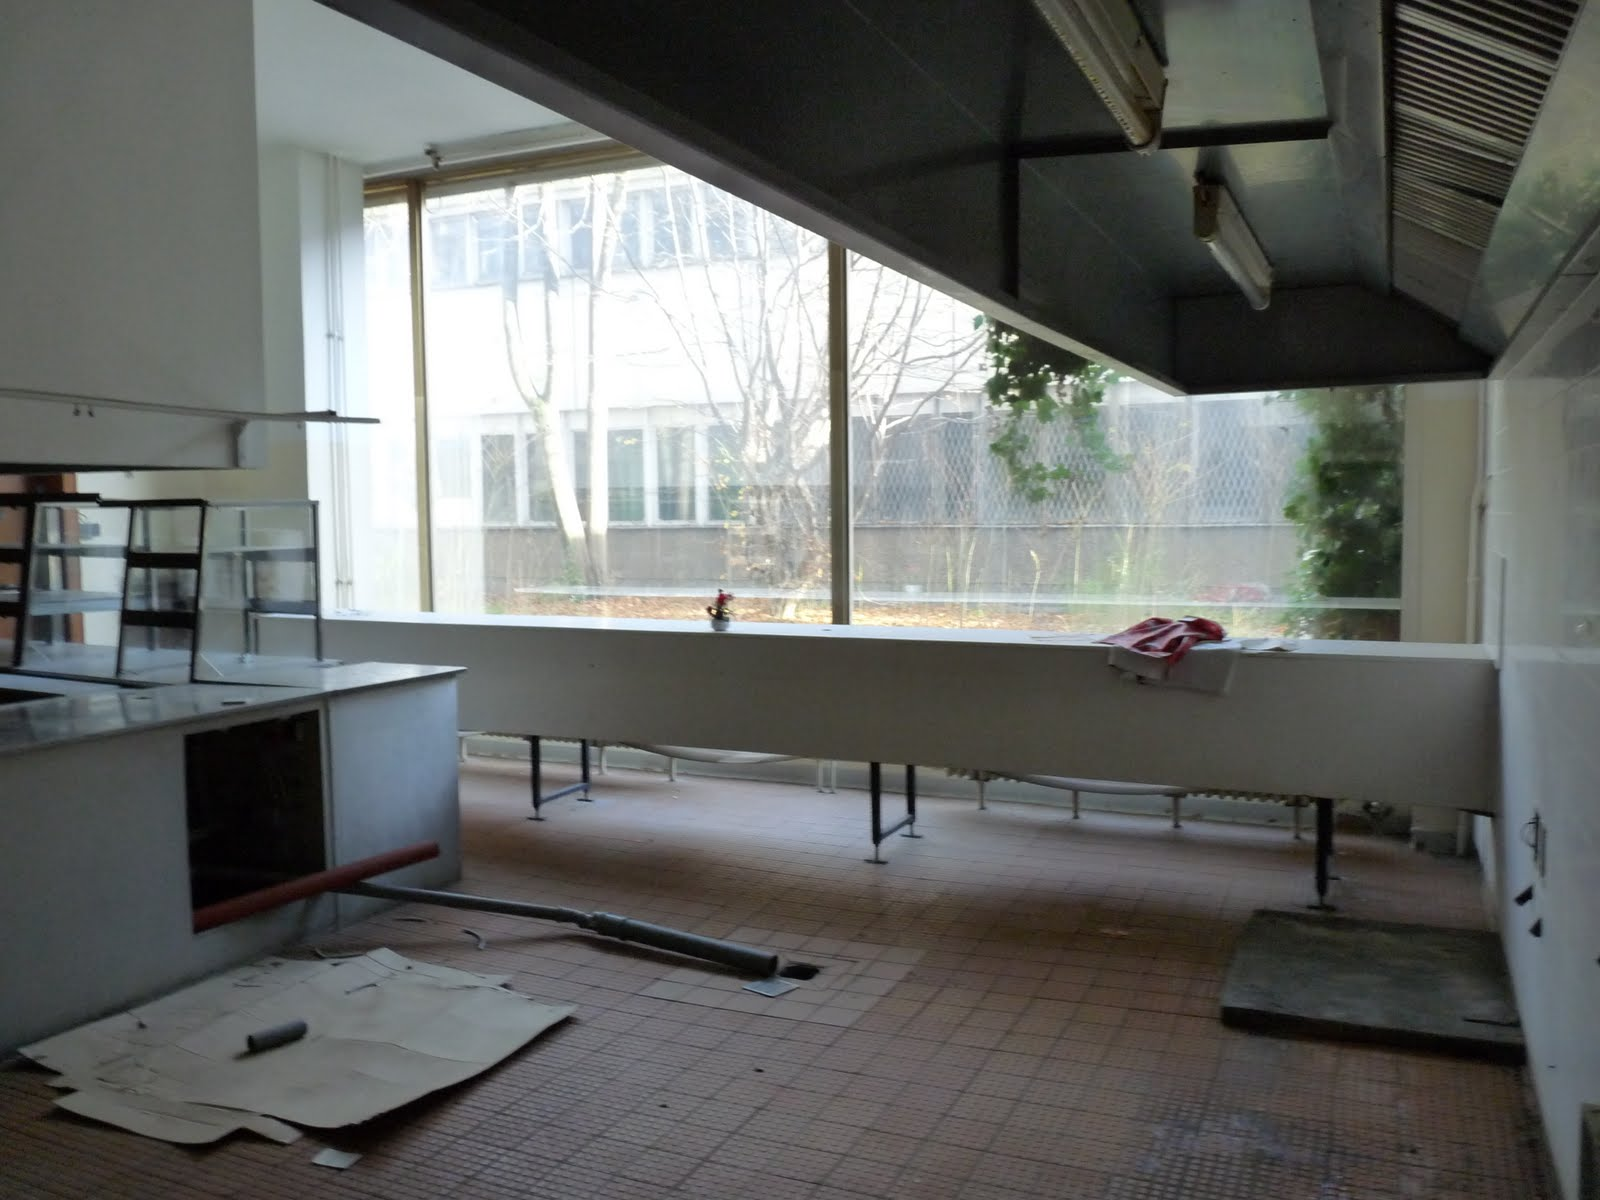 Stalking the Stasi in Haus der Statistik - Abandoned Berlin